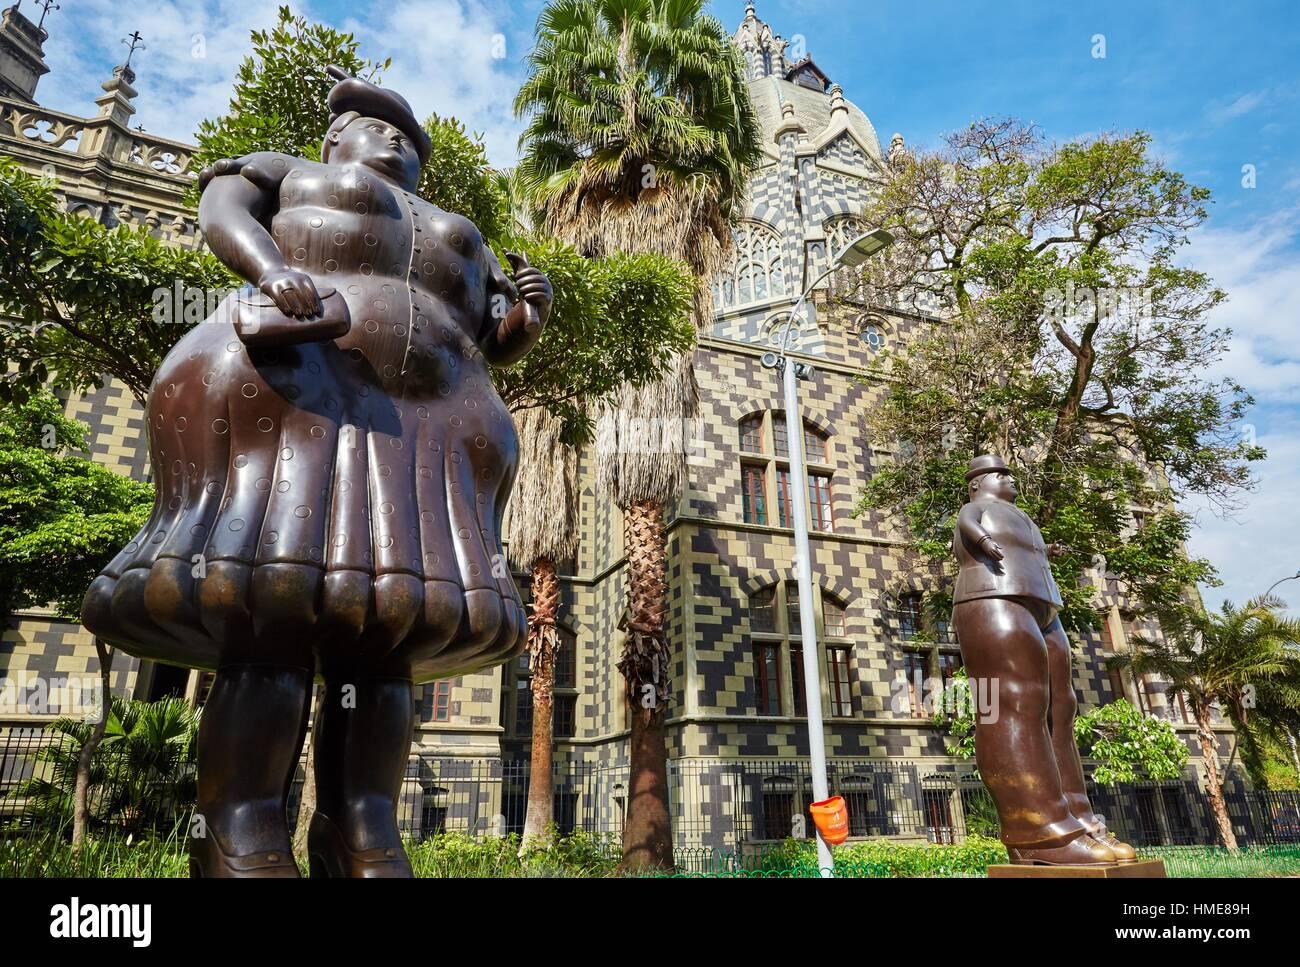 """'Mujer vestida' (Mujer vestida) y """"hombre vestido"""" (hombre vestido), escultura de Fernando Botero, Imagen De Stock"""